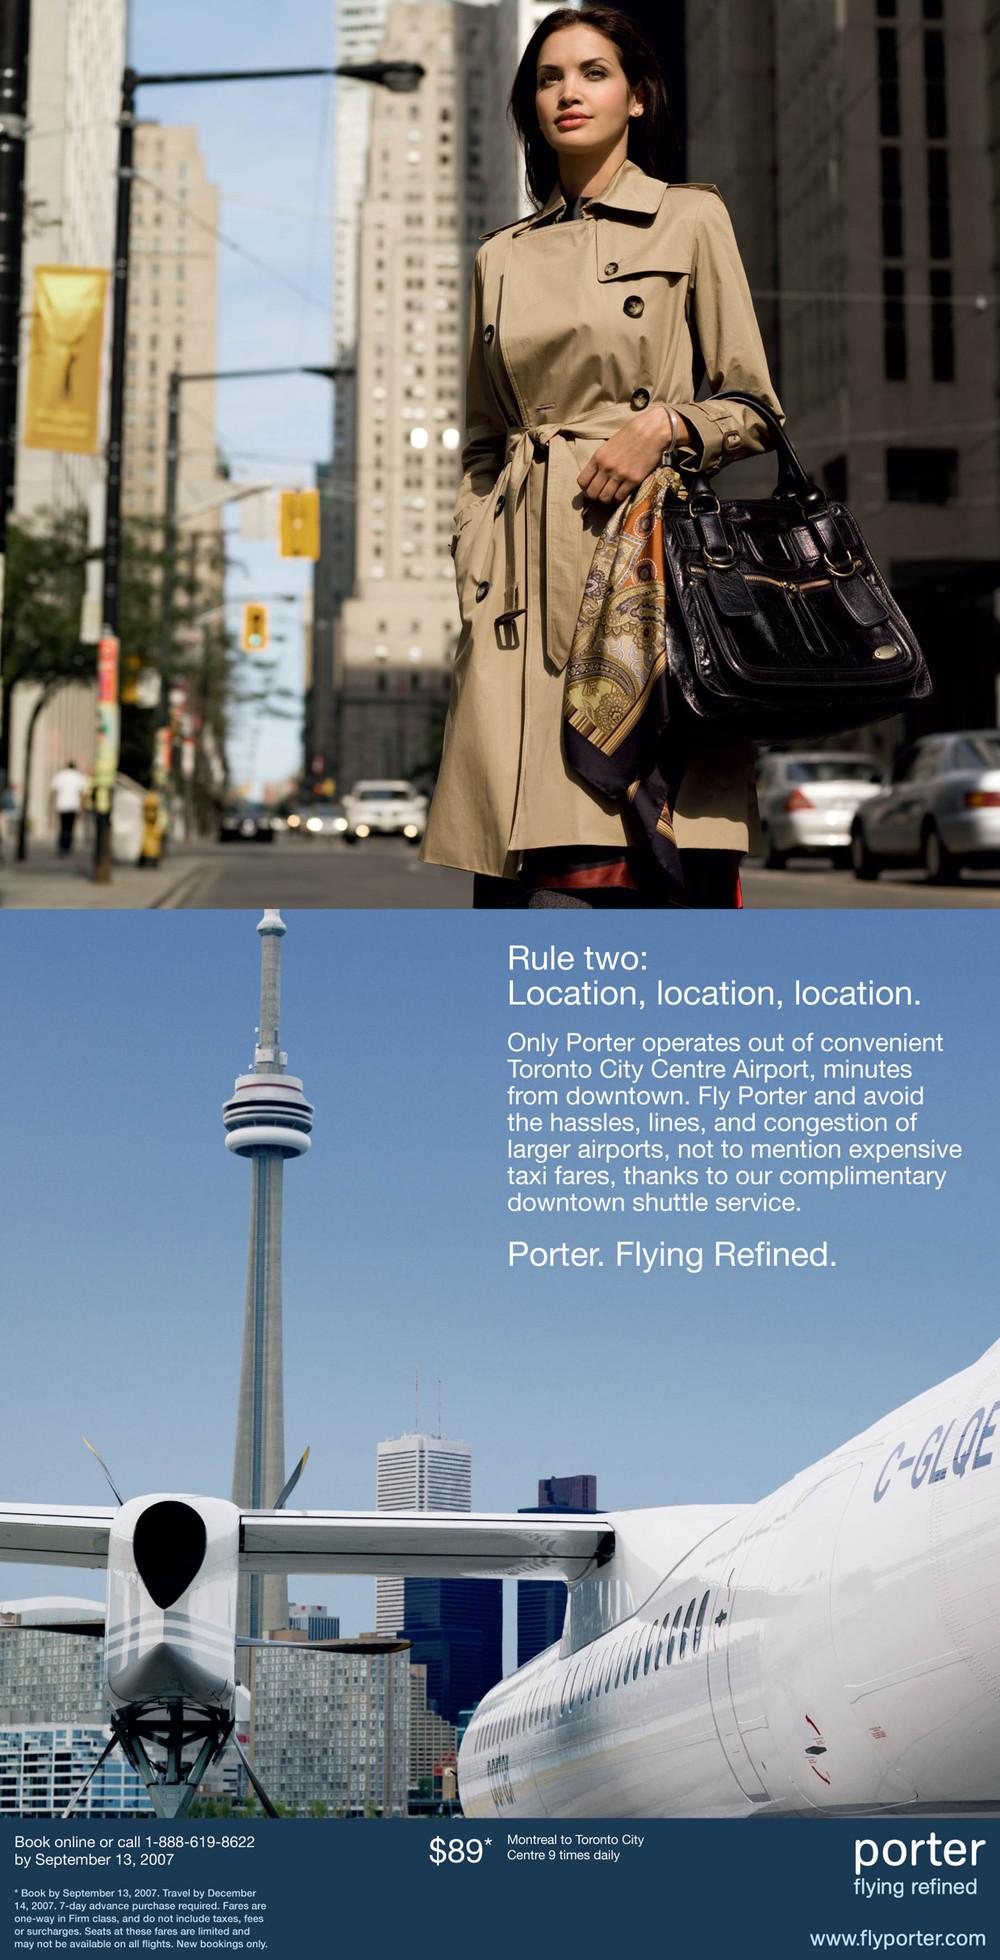 stuart-daly-porter-airlines-6.jpg